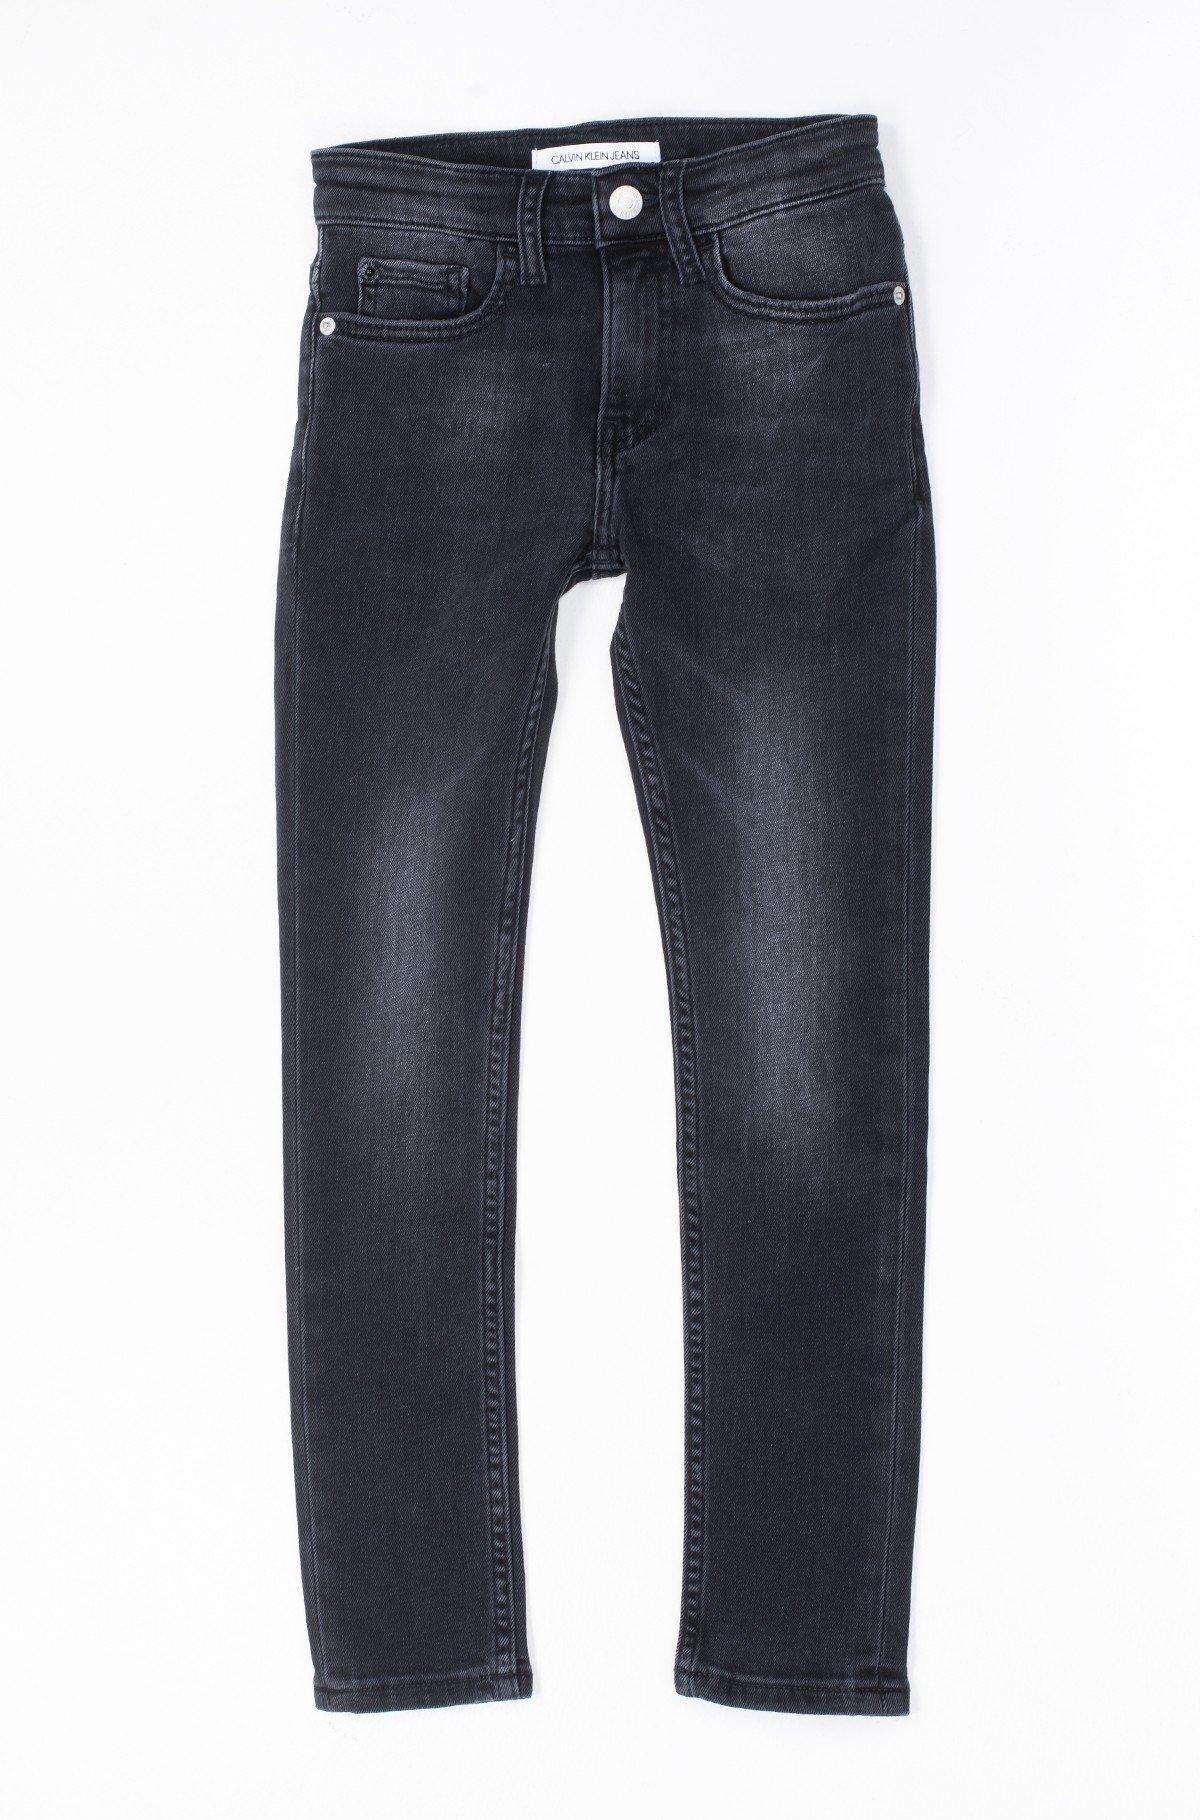 Vaikiškos džinsinės kelnės SKINNY RICKETY BLACK STRETCH-full-1